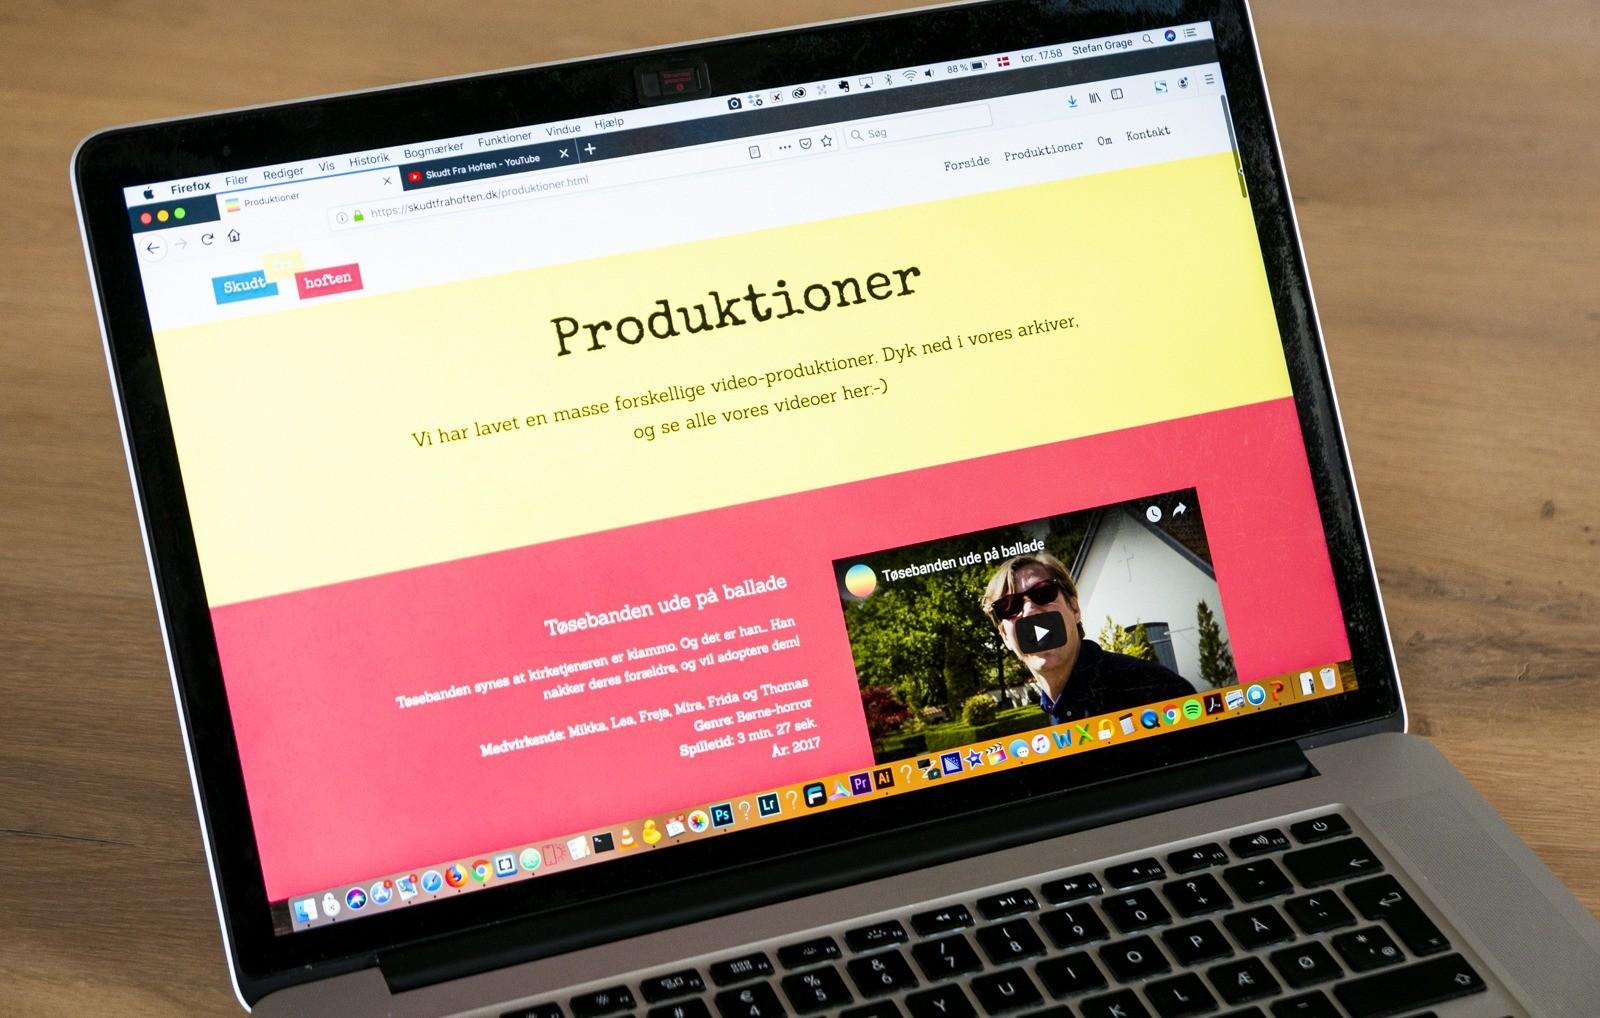 Foto af computer, der fremviser websitet skudtfrahoften.dk